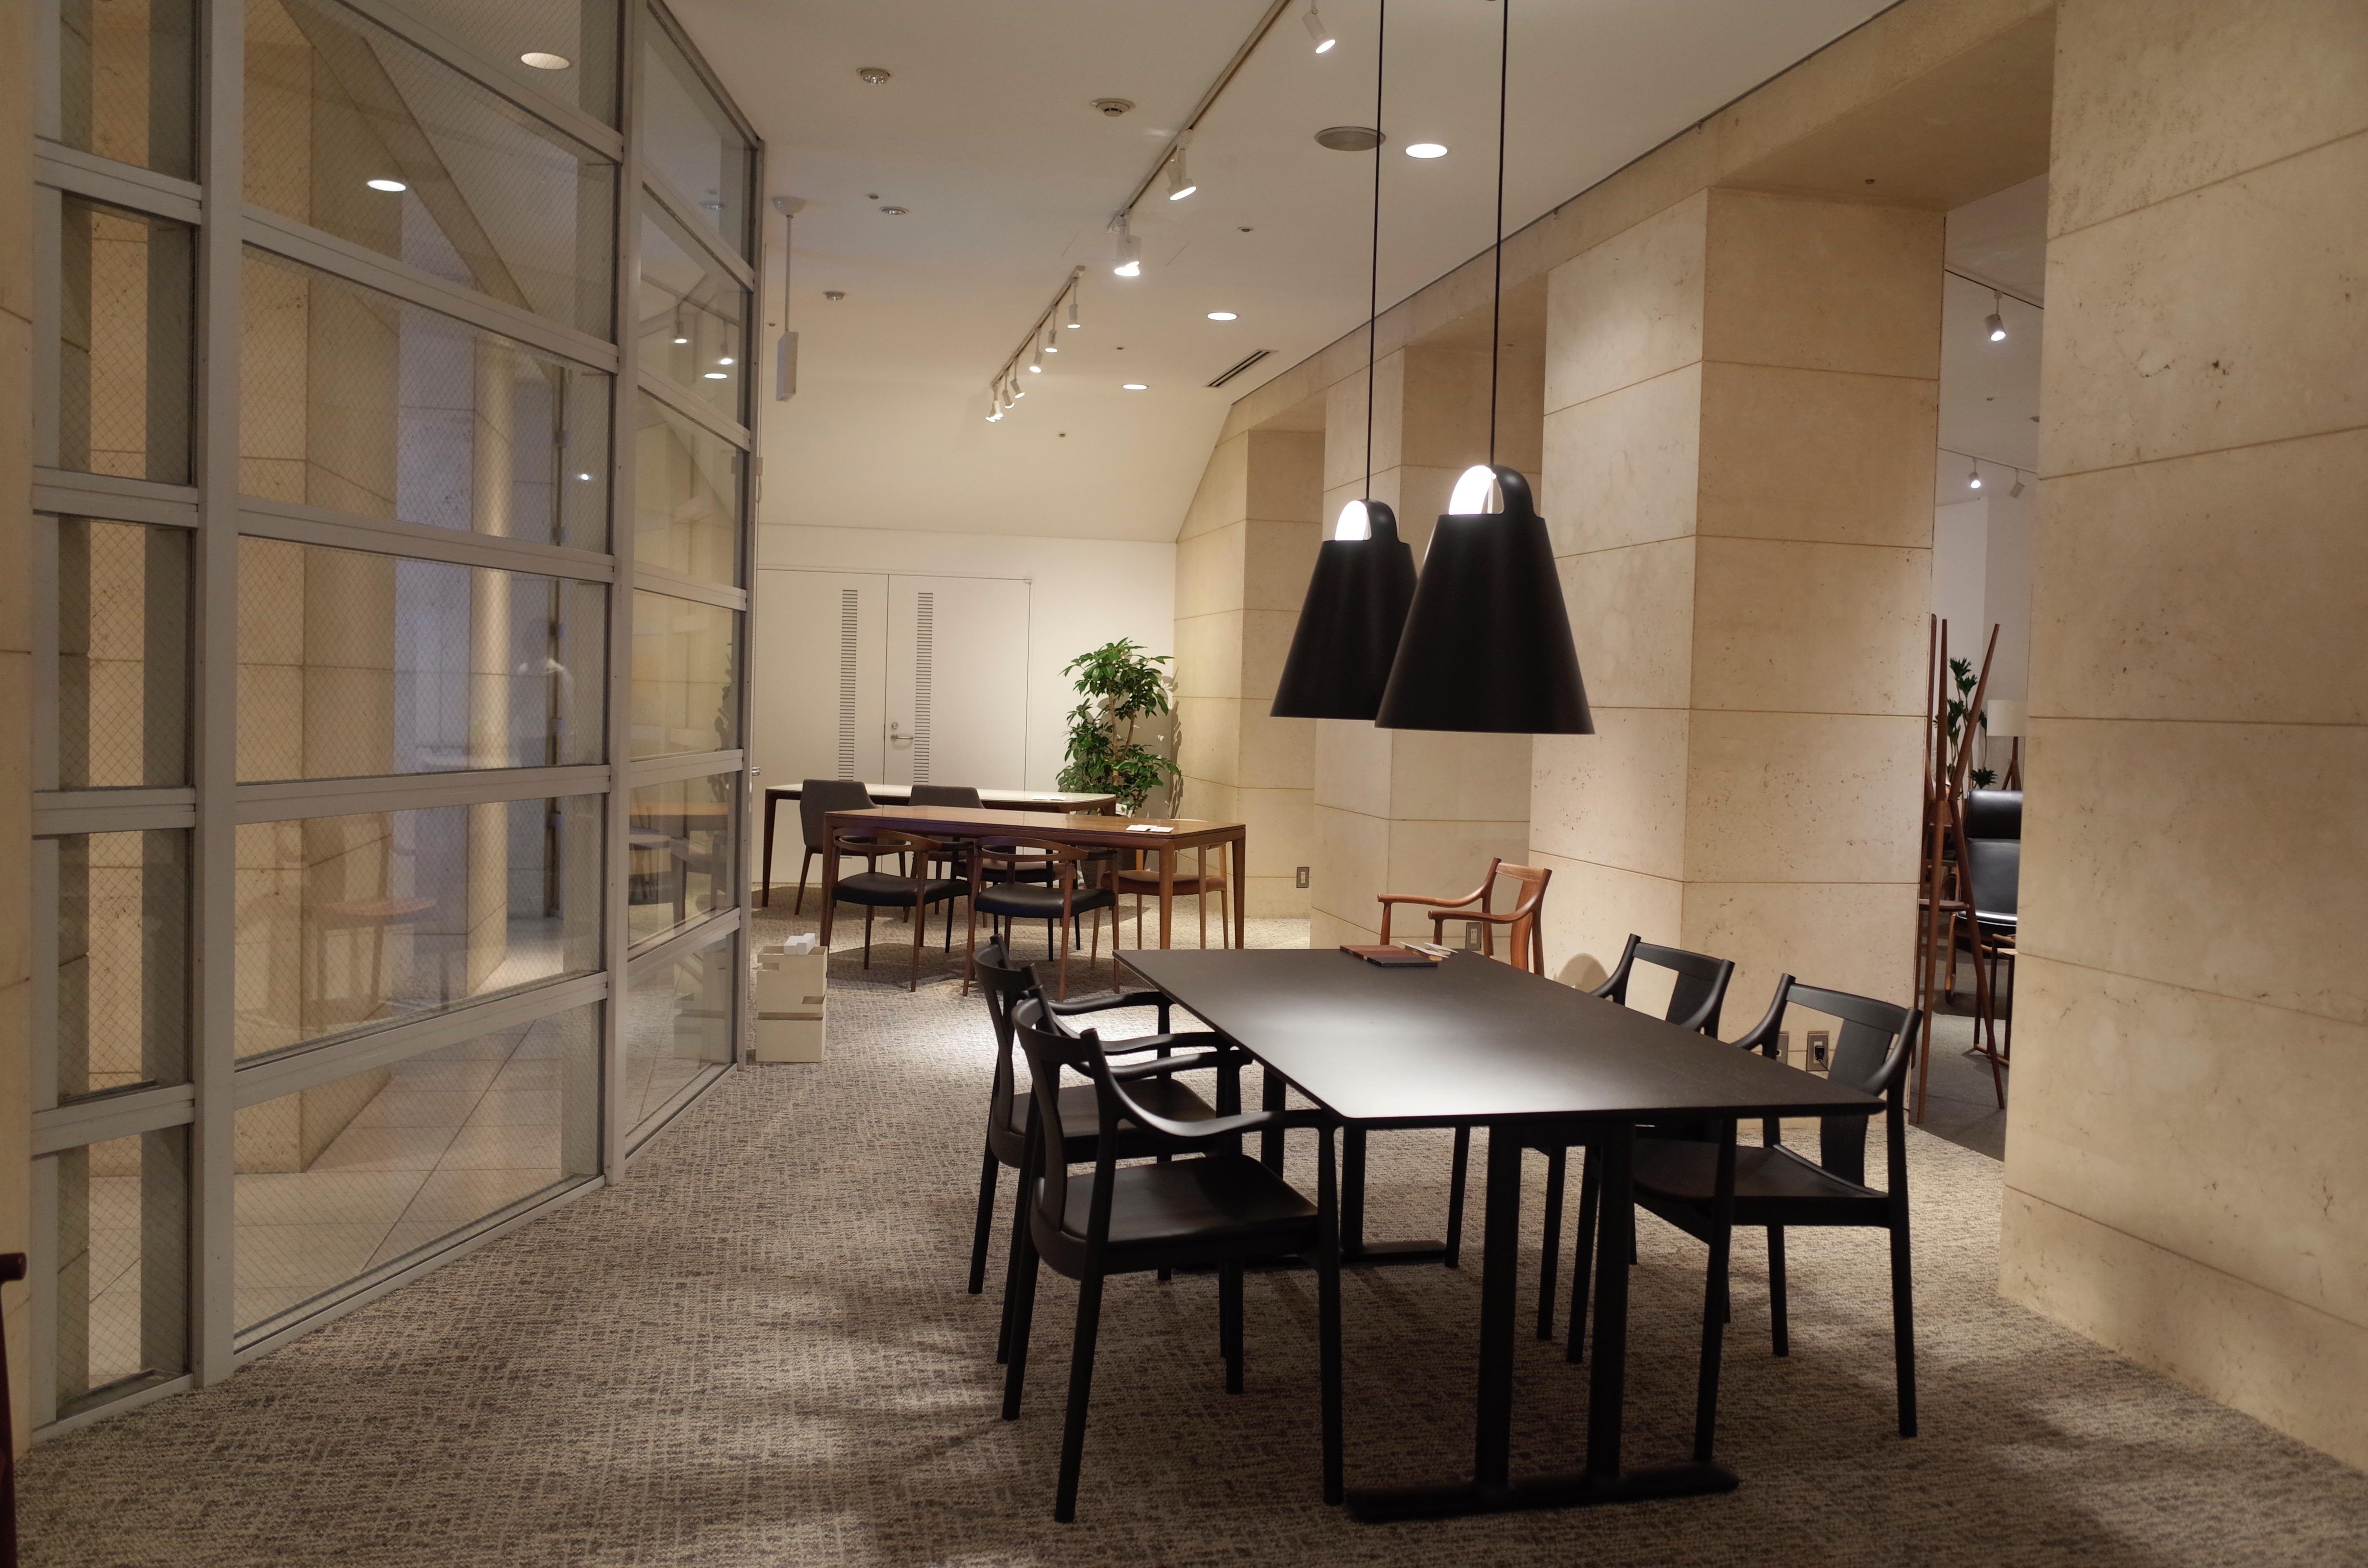 日進木工㈱「東京ショールーム開設10周年記念パーティー」開催